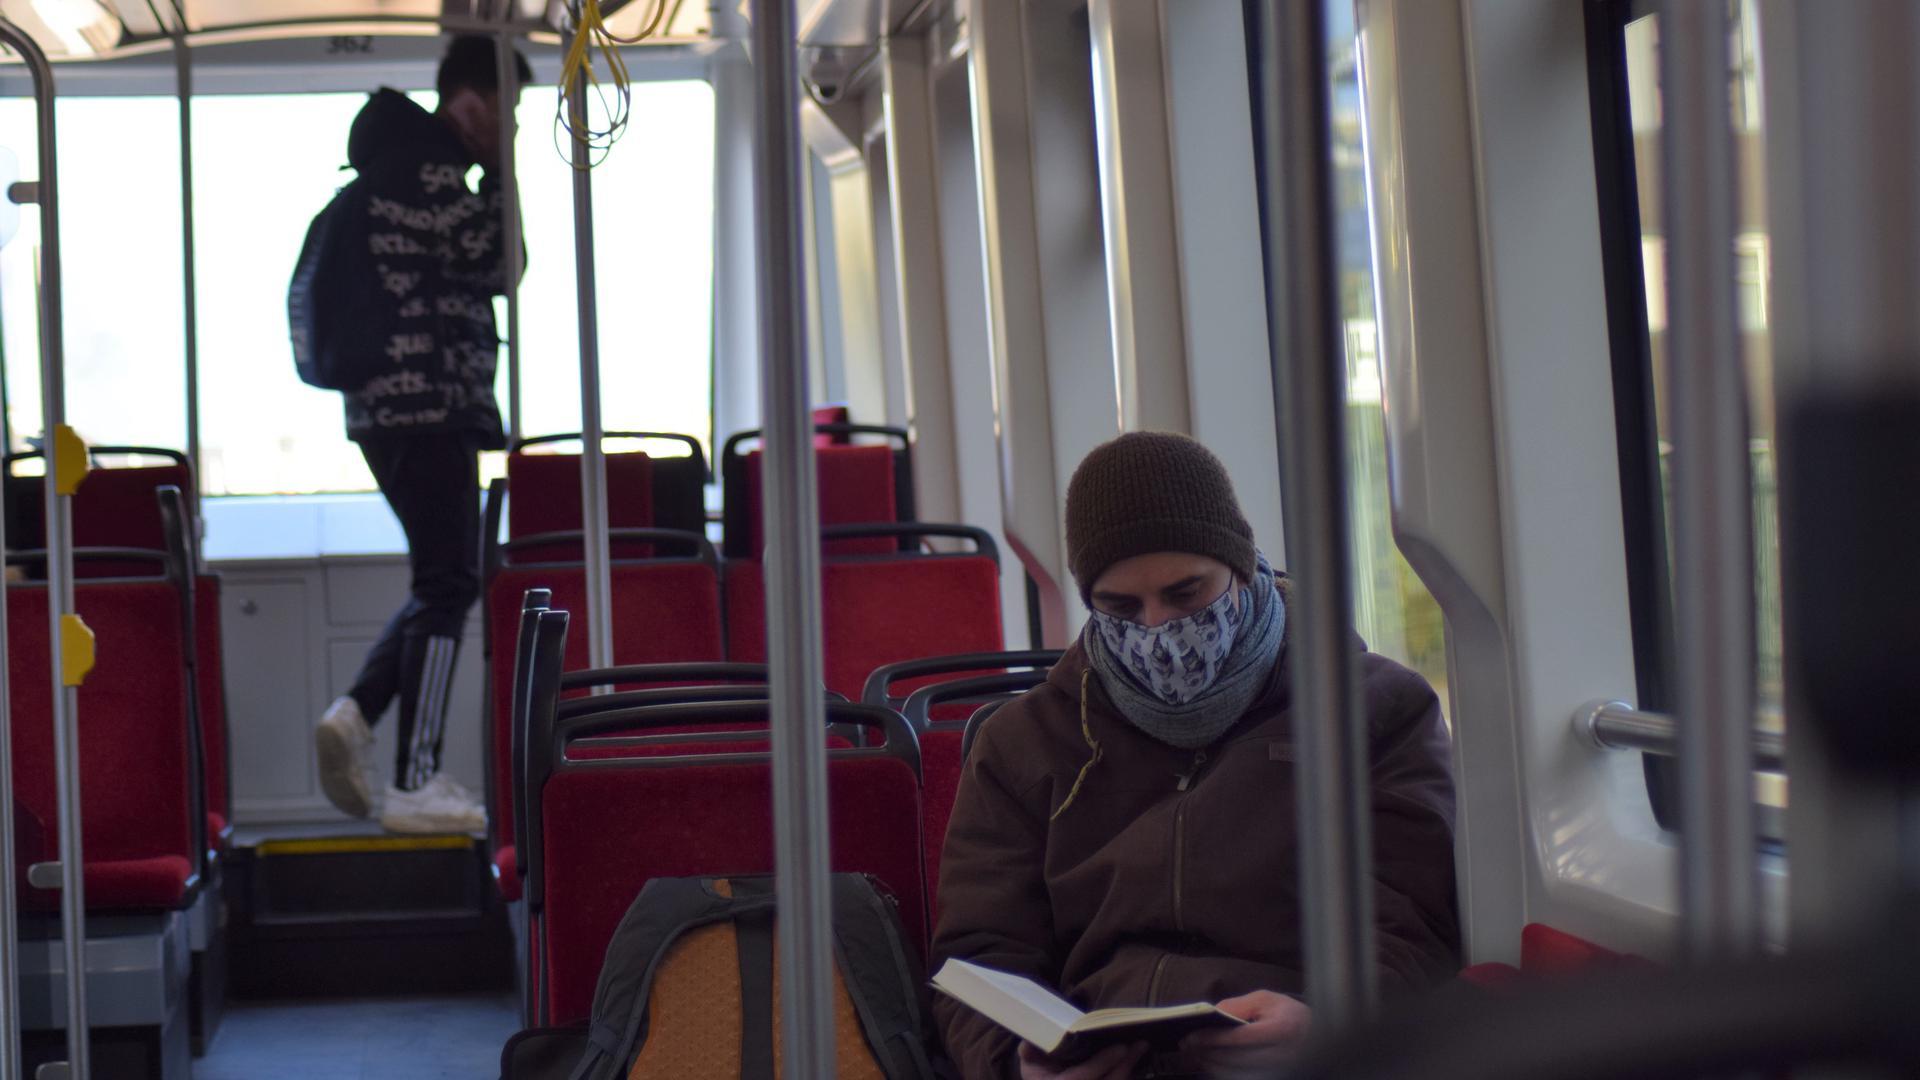 Auslaufmodell: Einfache Stoffmasken wie dieser junge Mann sie trägt, sind künftig nicht mehr in Bussen und Bahnen erlaubt.